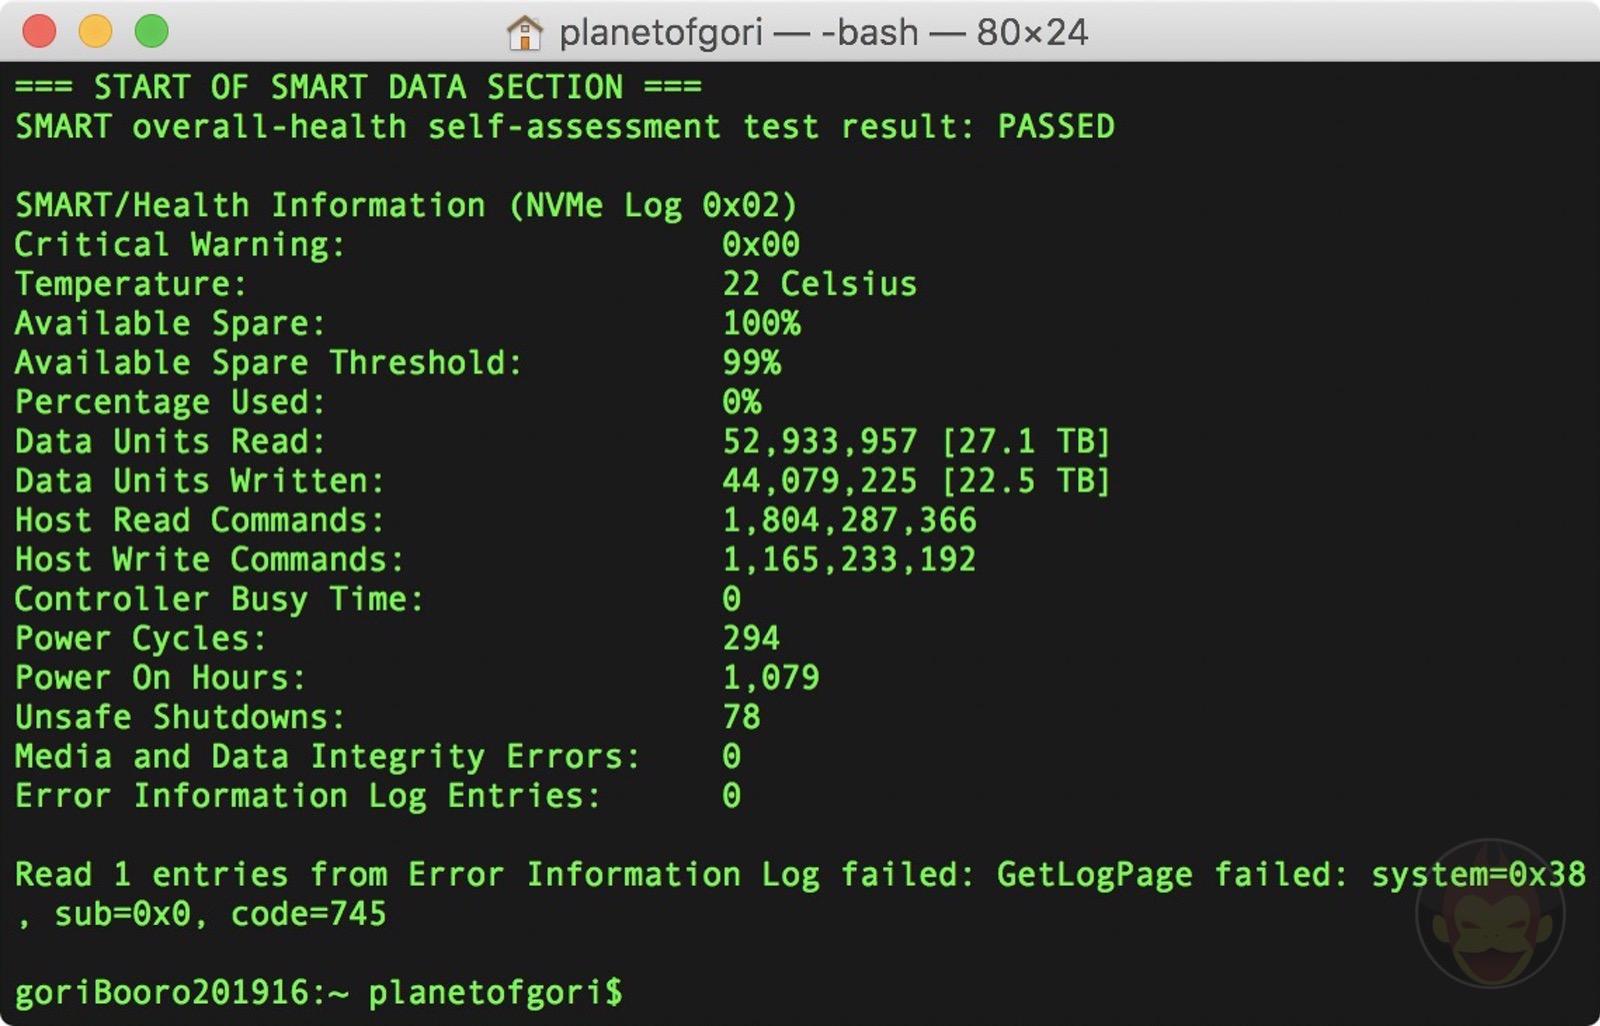 SMART SSD information for 16mbp2019 05